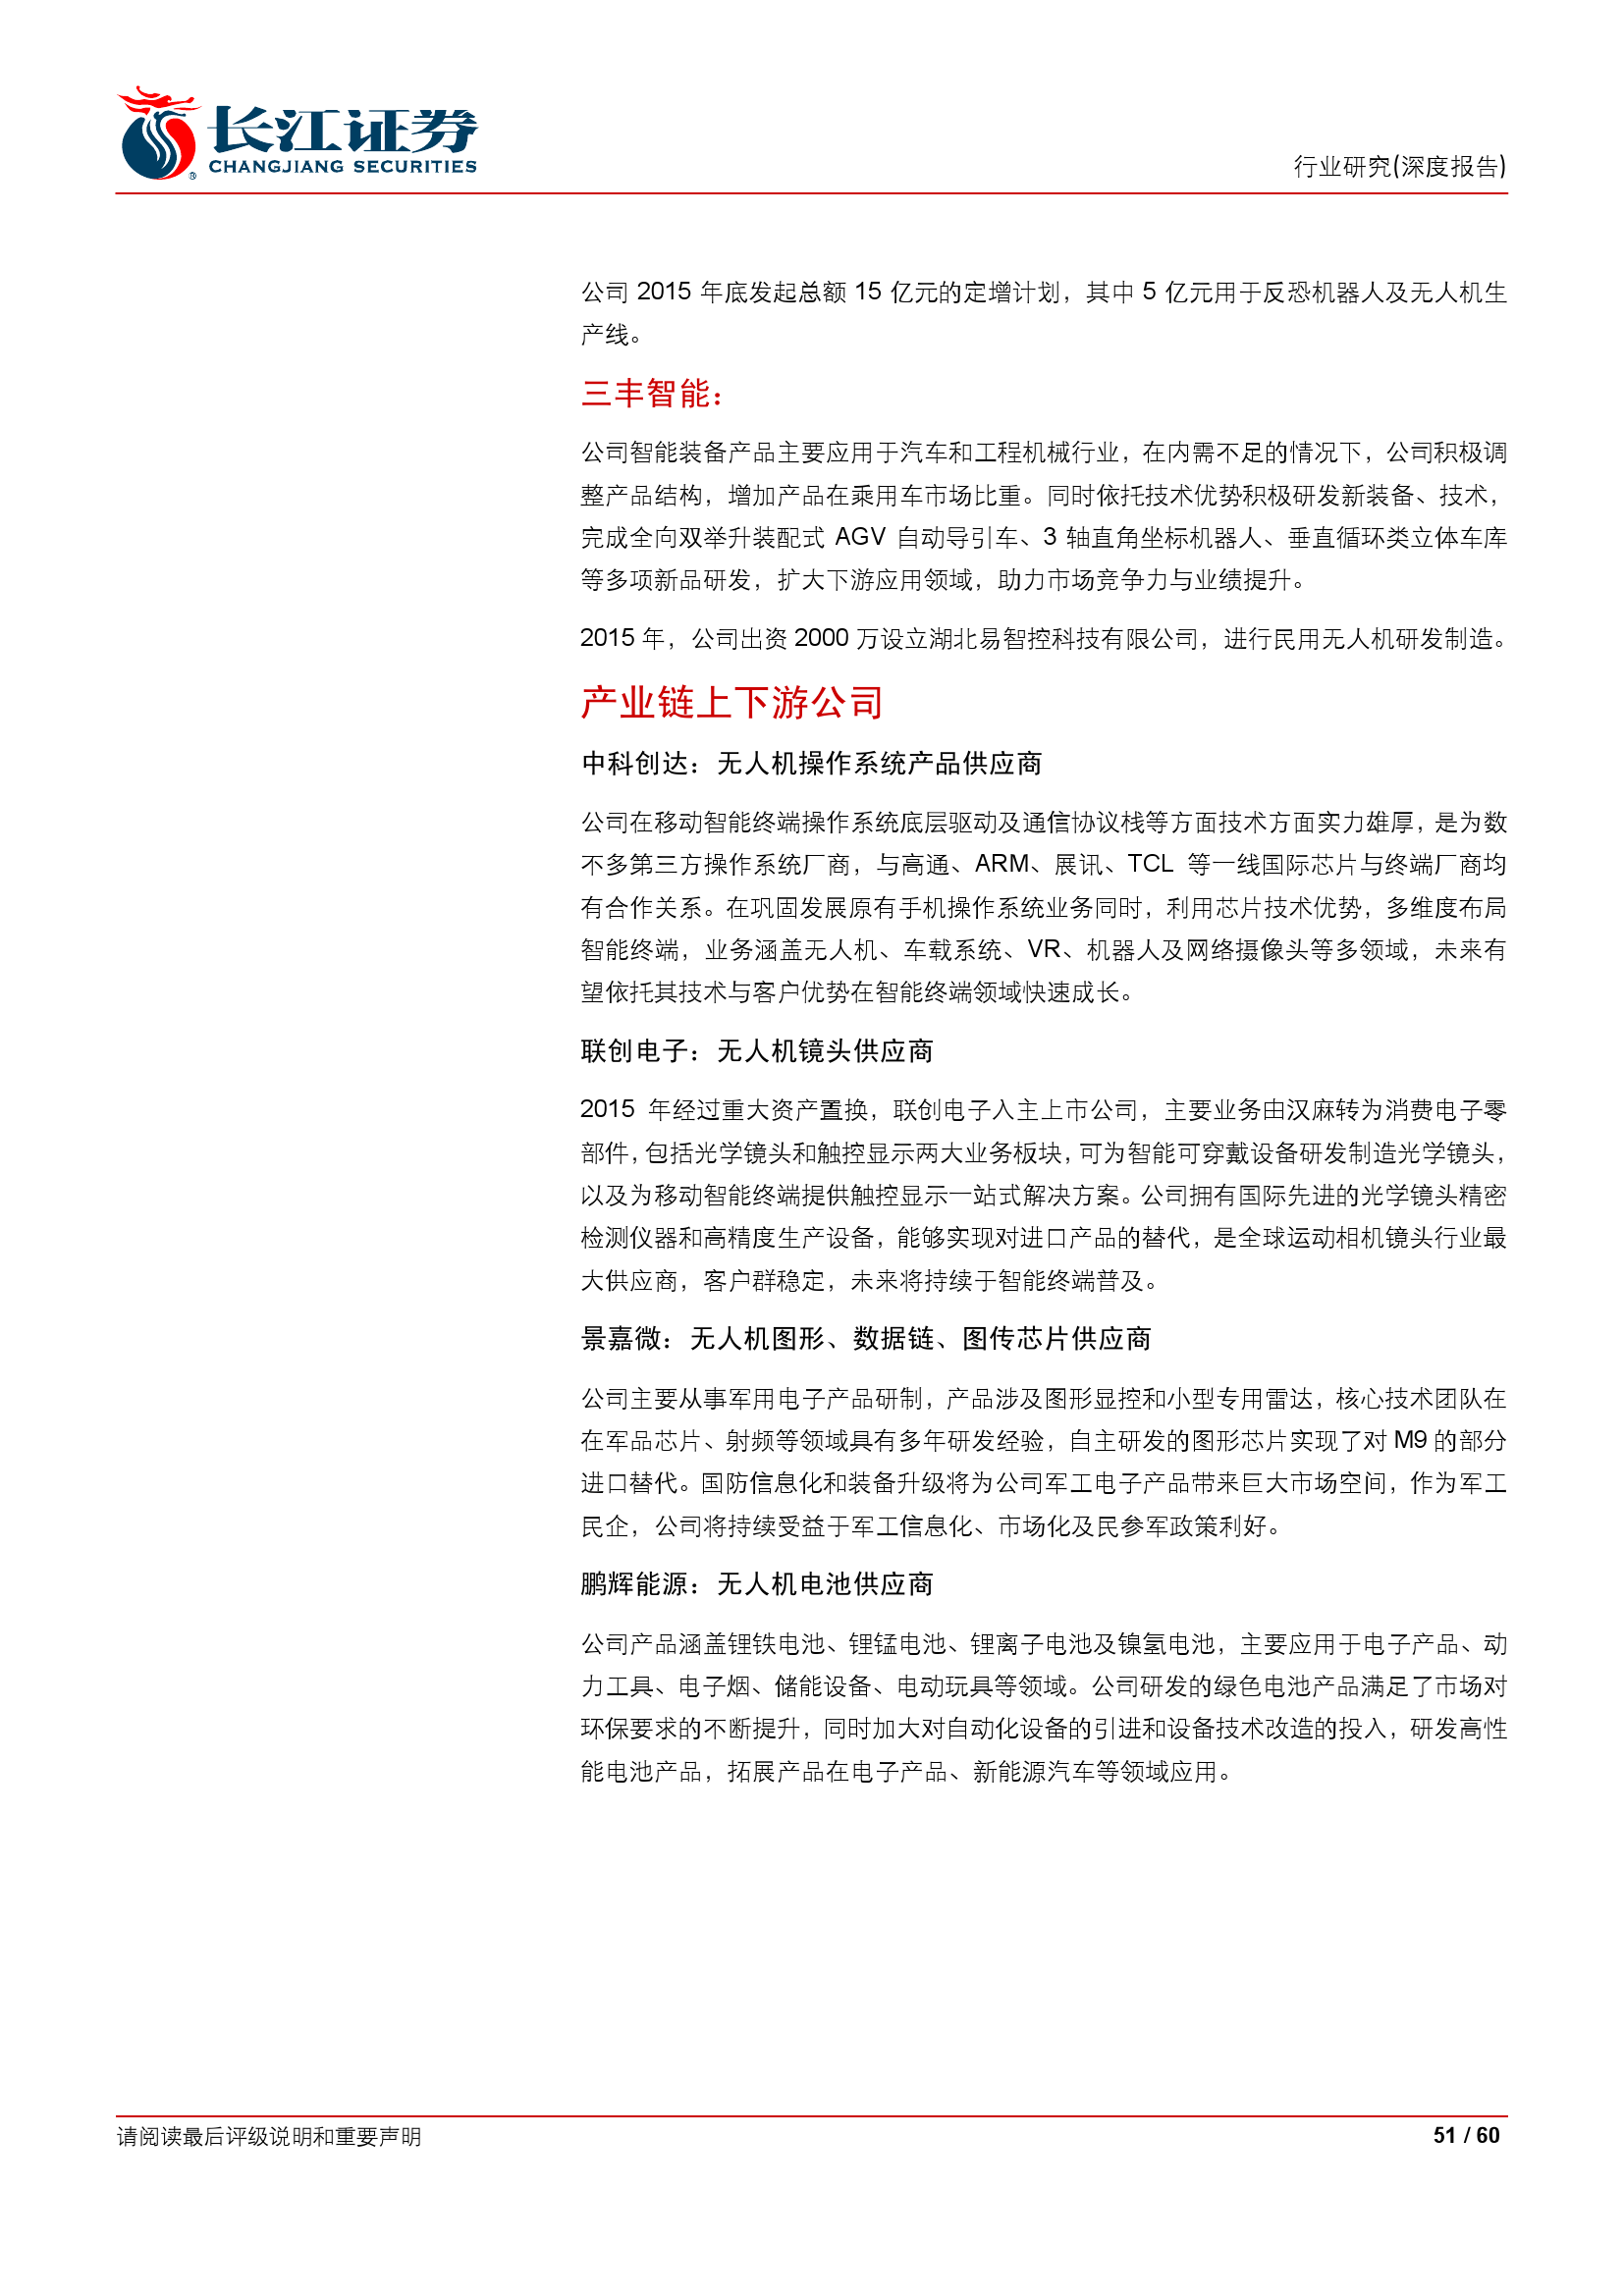 民用无人机行业深度报告_000051